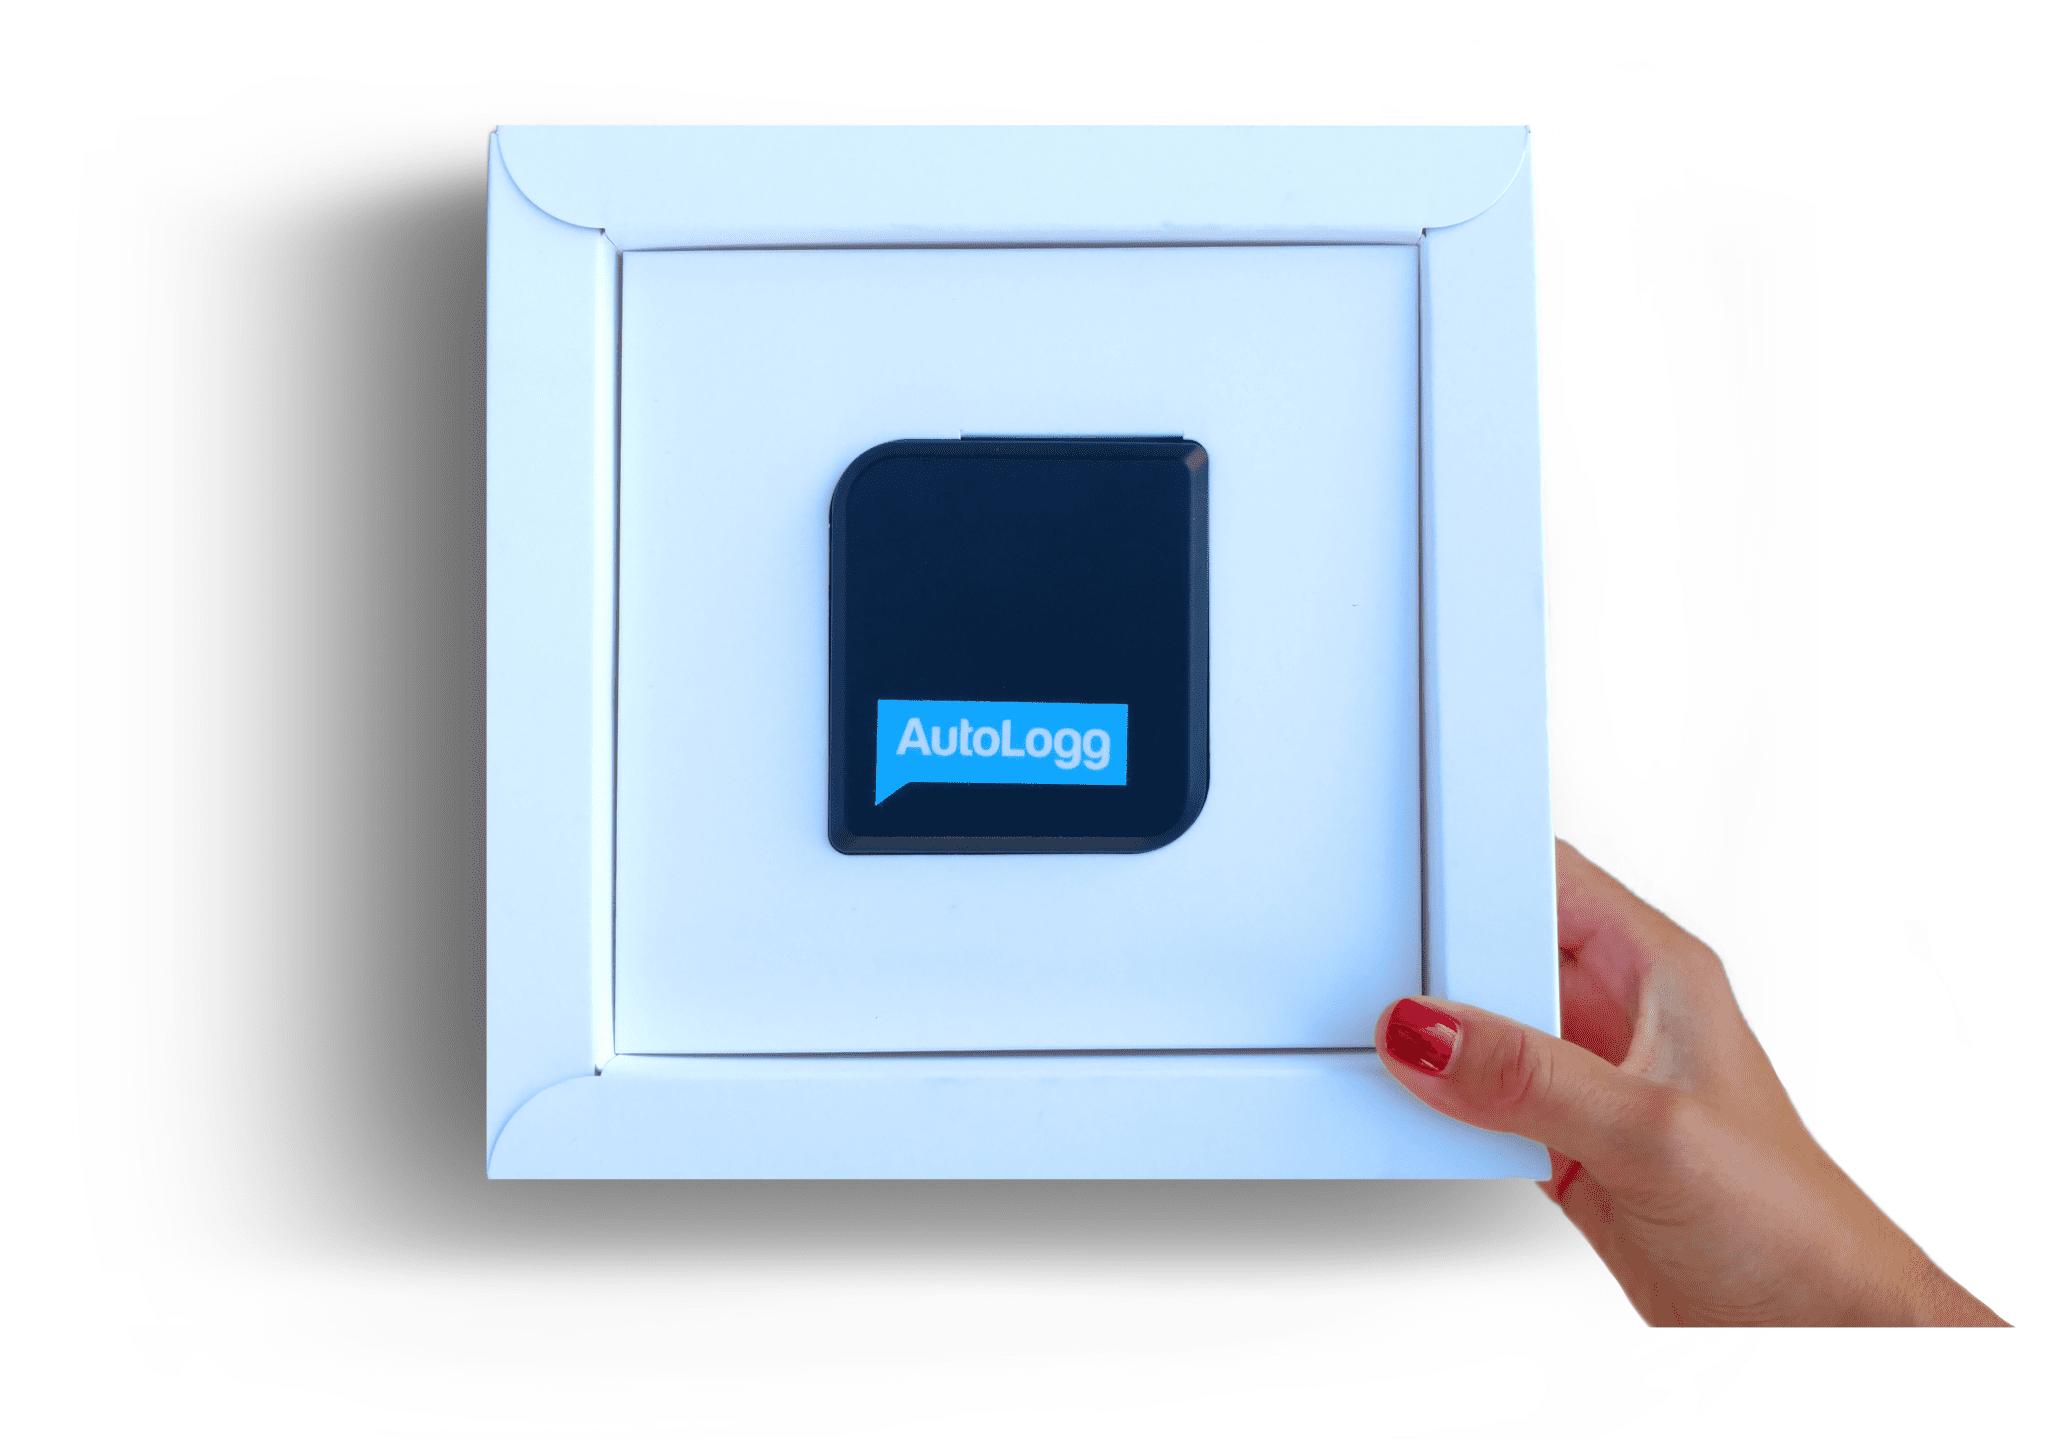 Hardware - elektronisches Fahrtenbuch AutoLogg